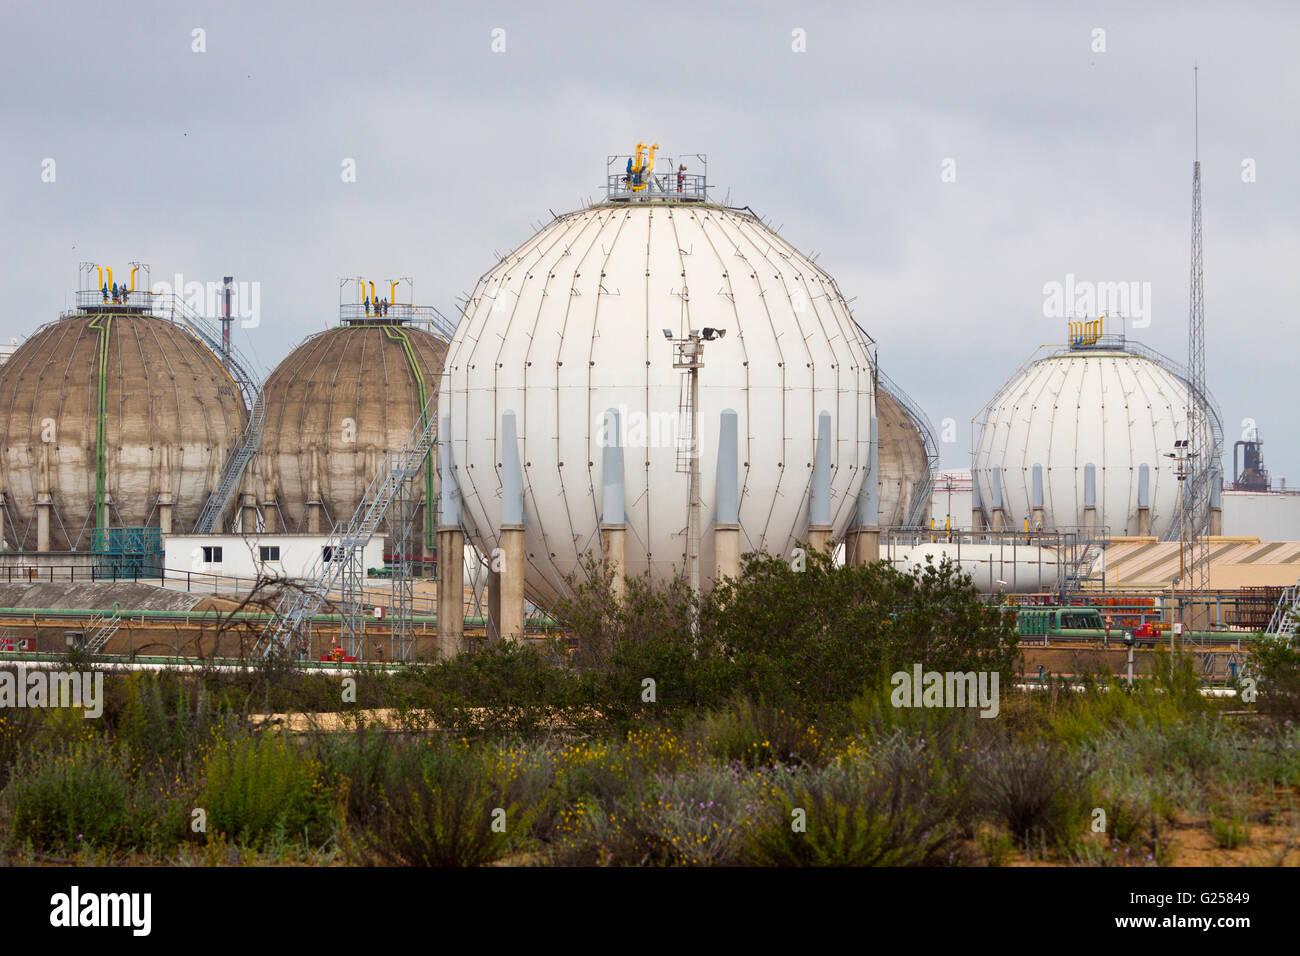 Liquefied Petroleum Gas Tank Stock Photos & Liquefied Petroleum Gas Tank Stock Images - Alamy